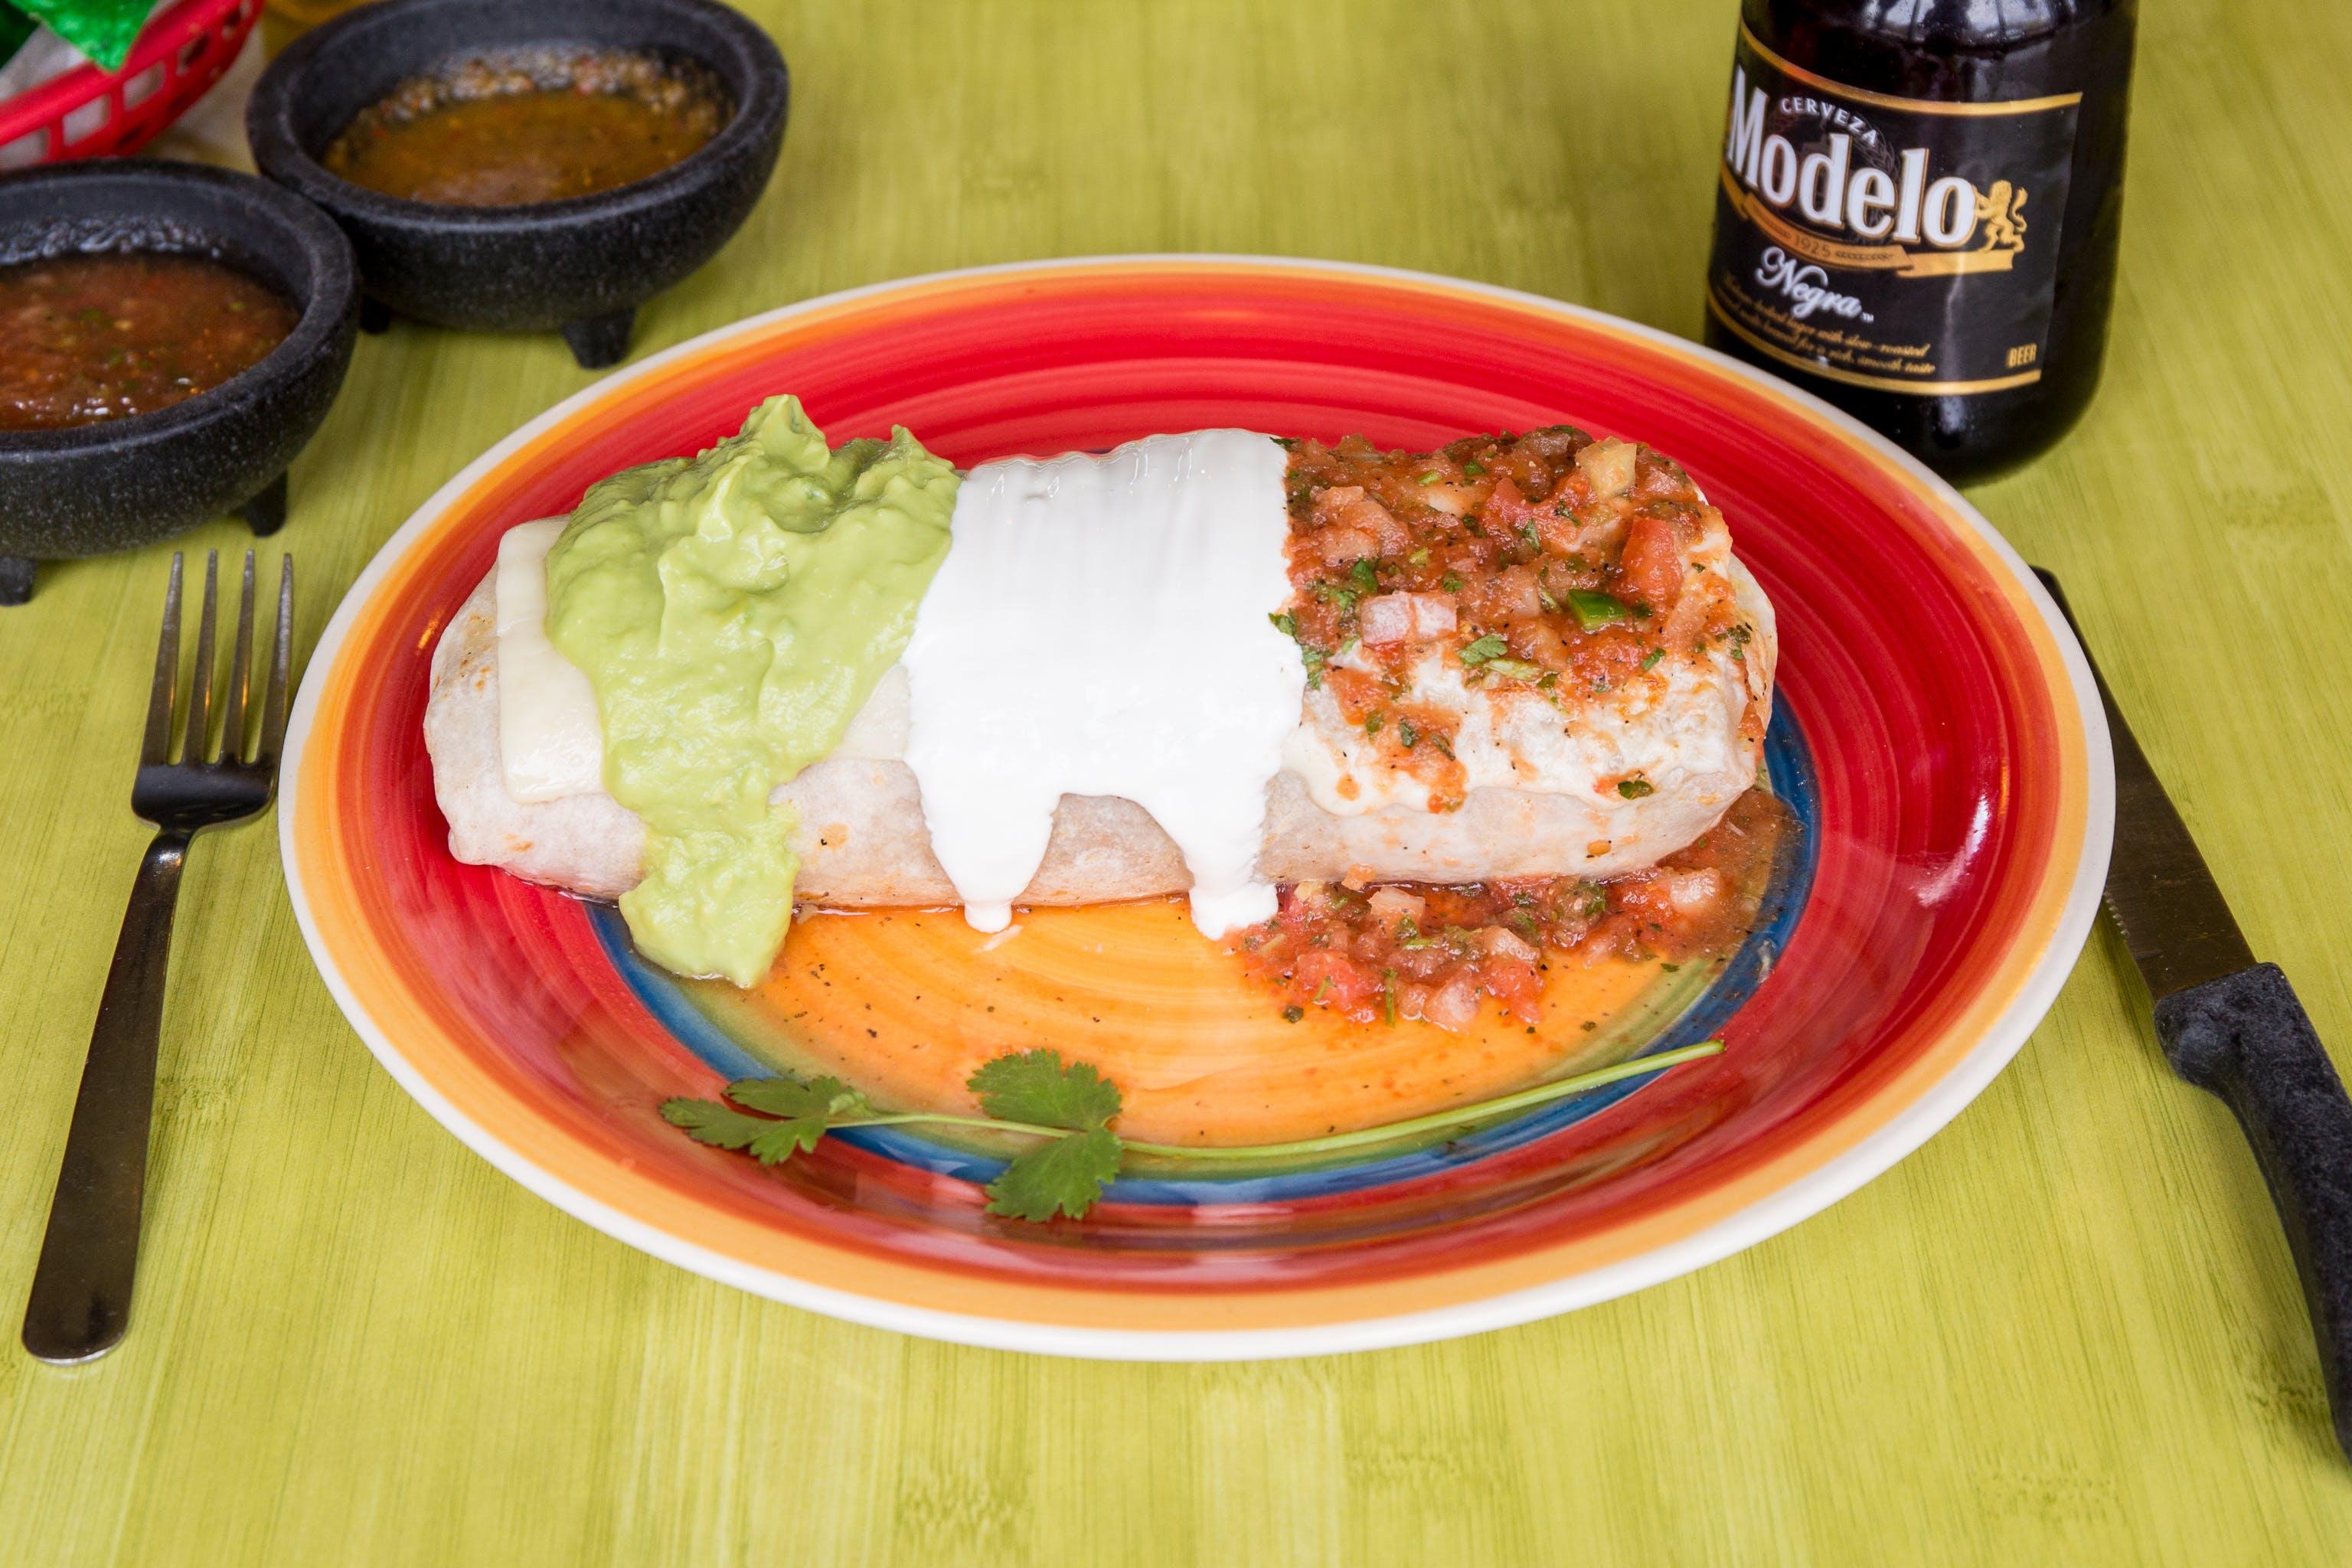 Burrito Mexicano from Taqueria Guadalajara in Madison, WI